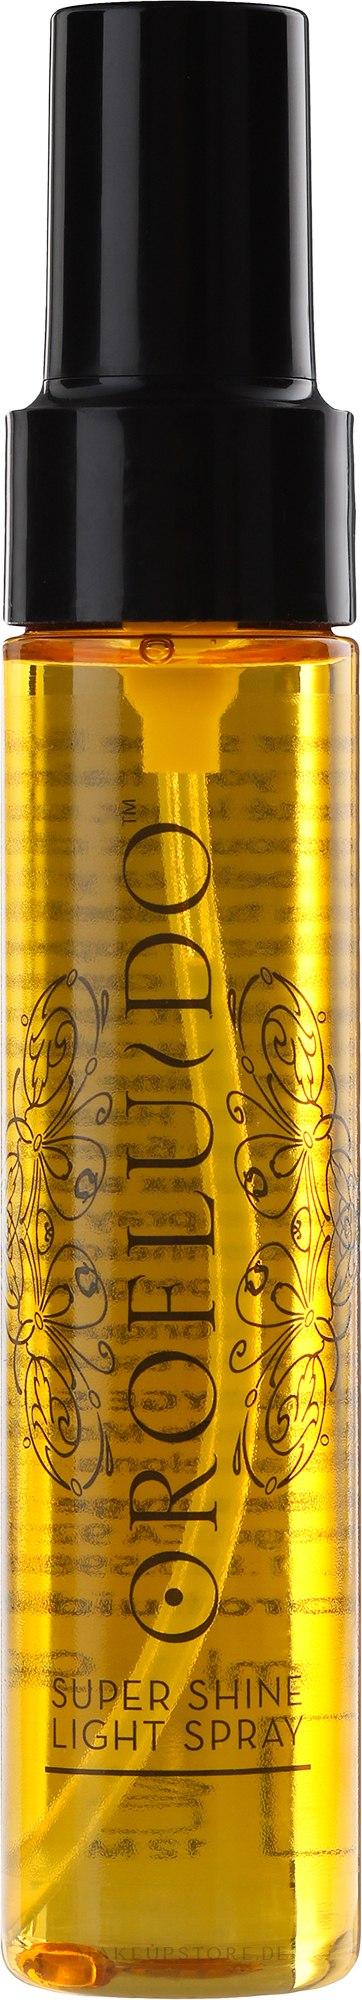 Haarspray für sofortigen Glanz - Orofluido Super Shine Light Spray — Bild 55 ml